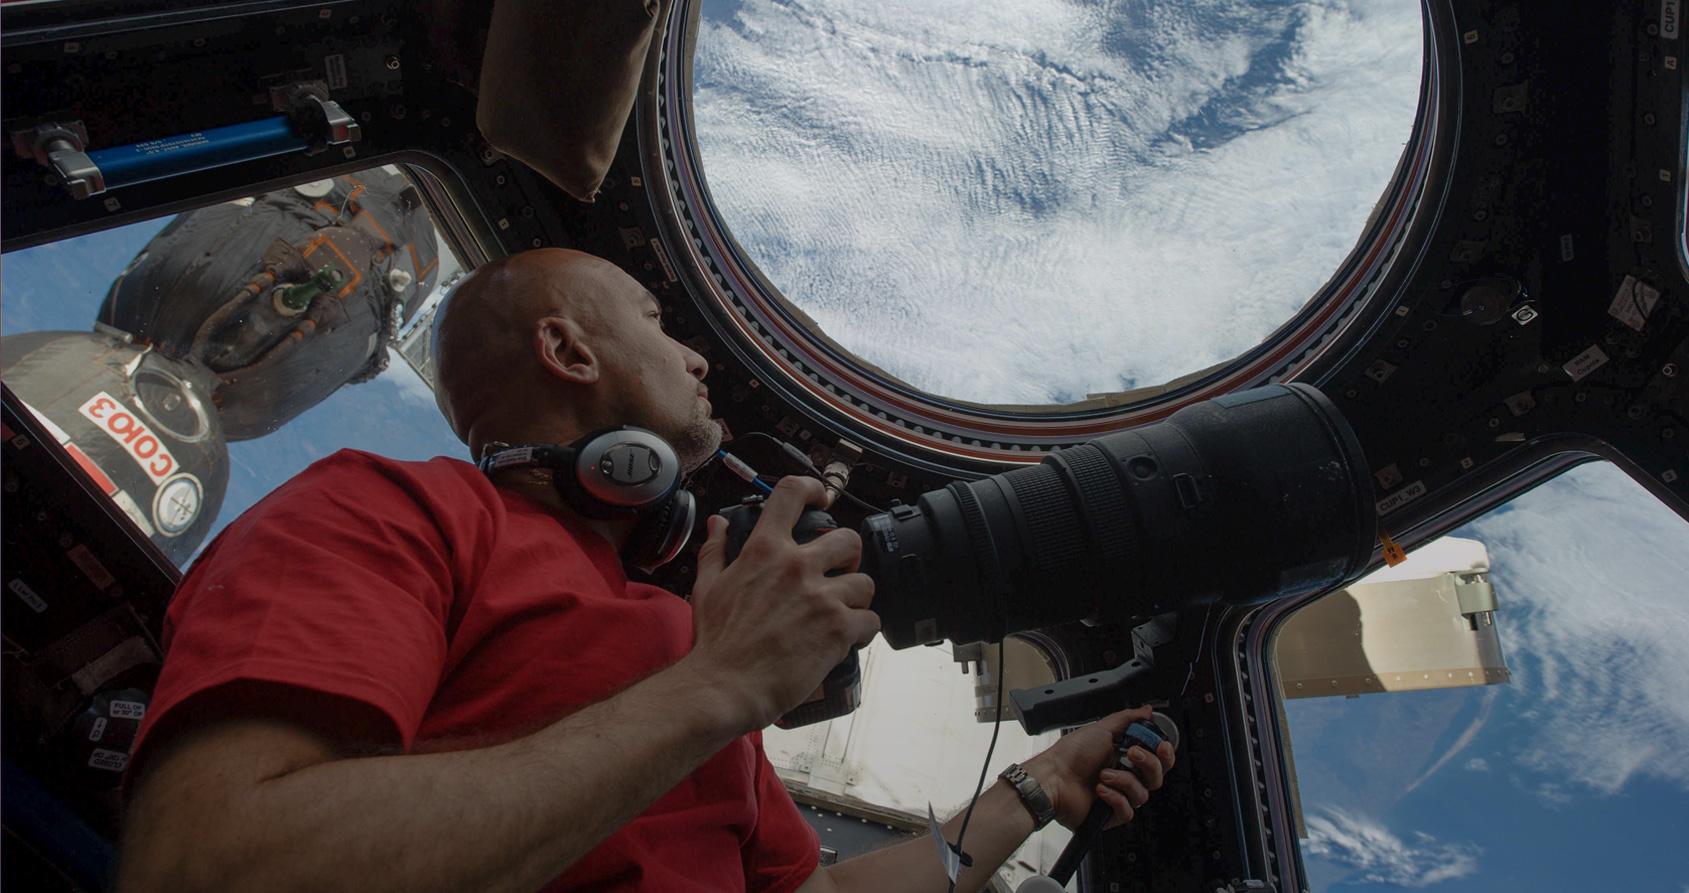 Le tourisme spatial changera-t-il la face du monde ?